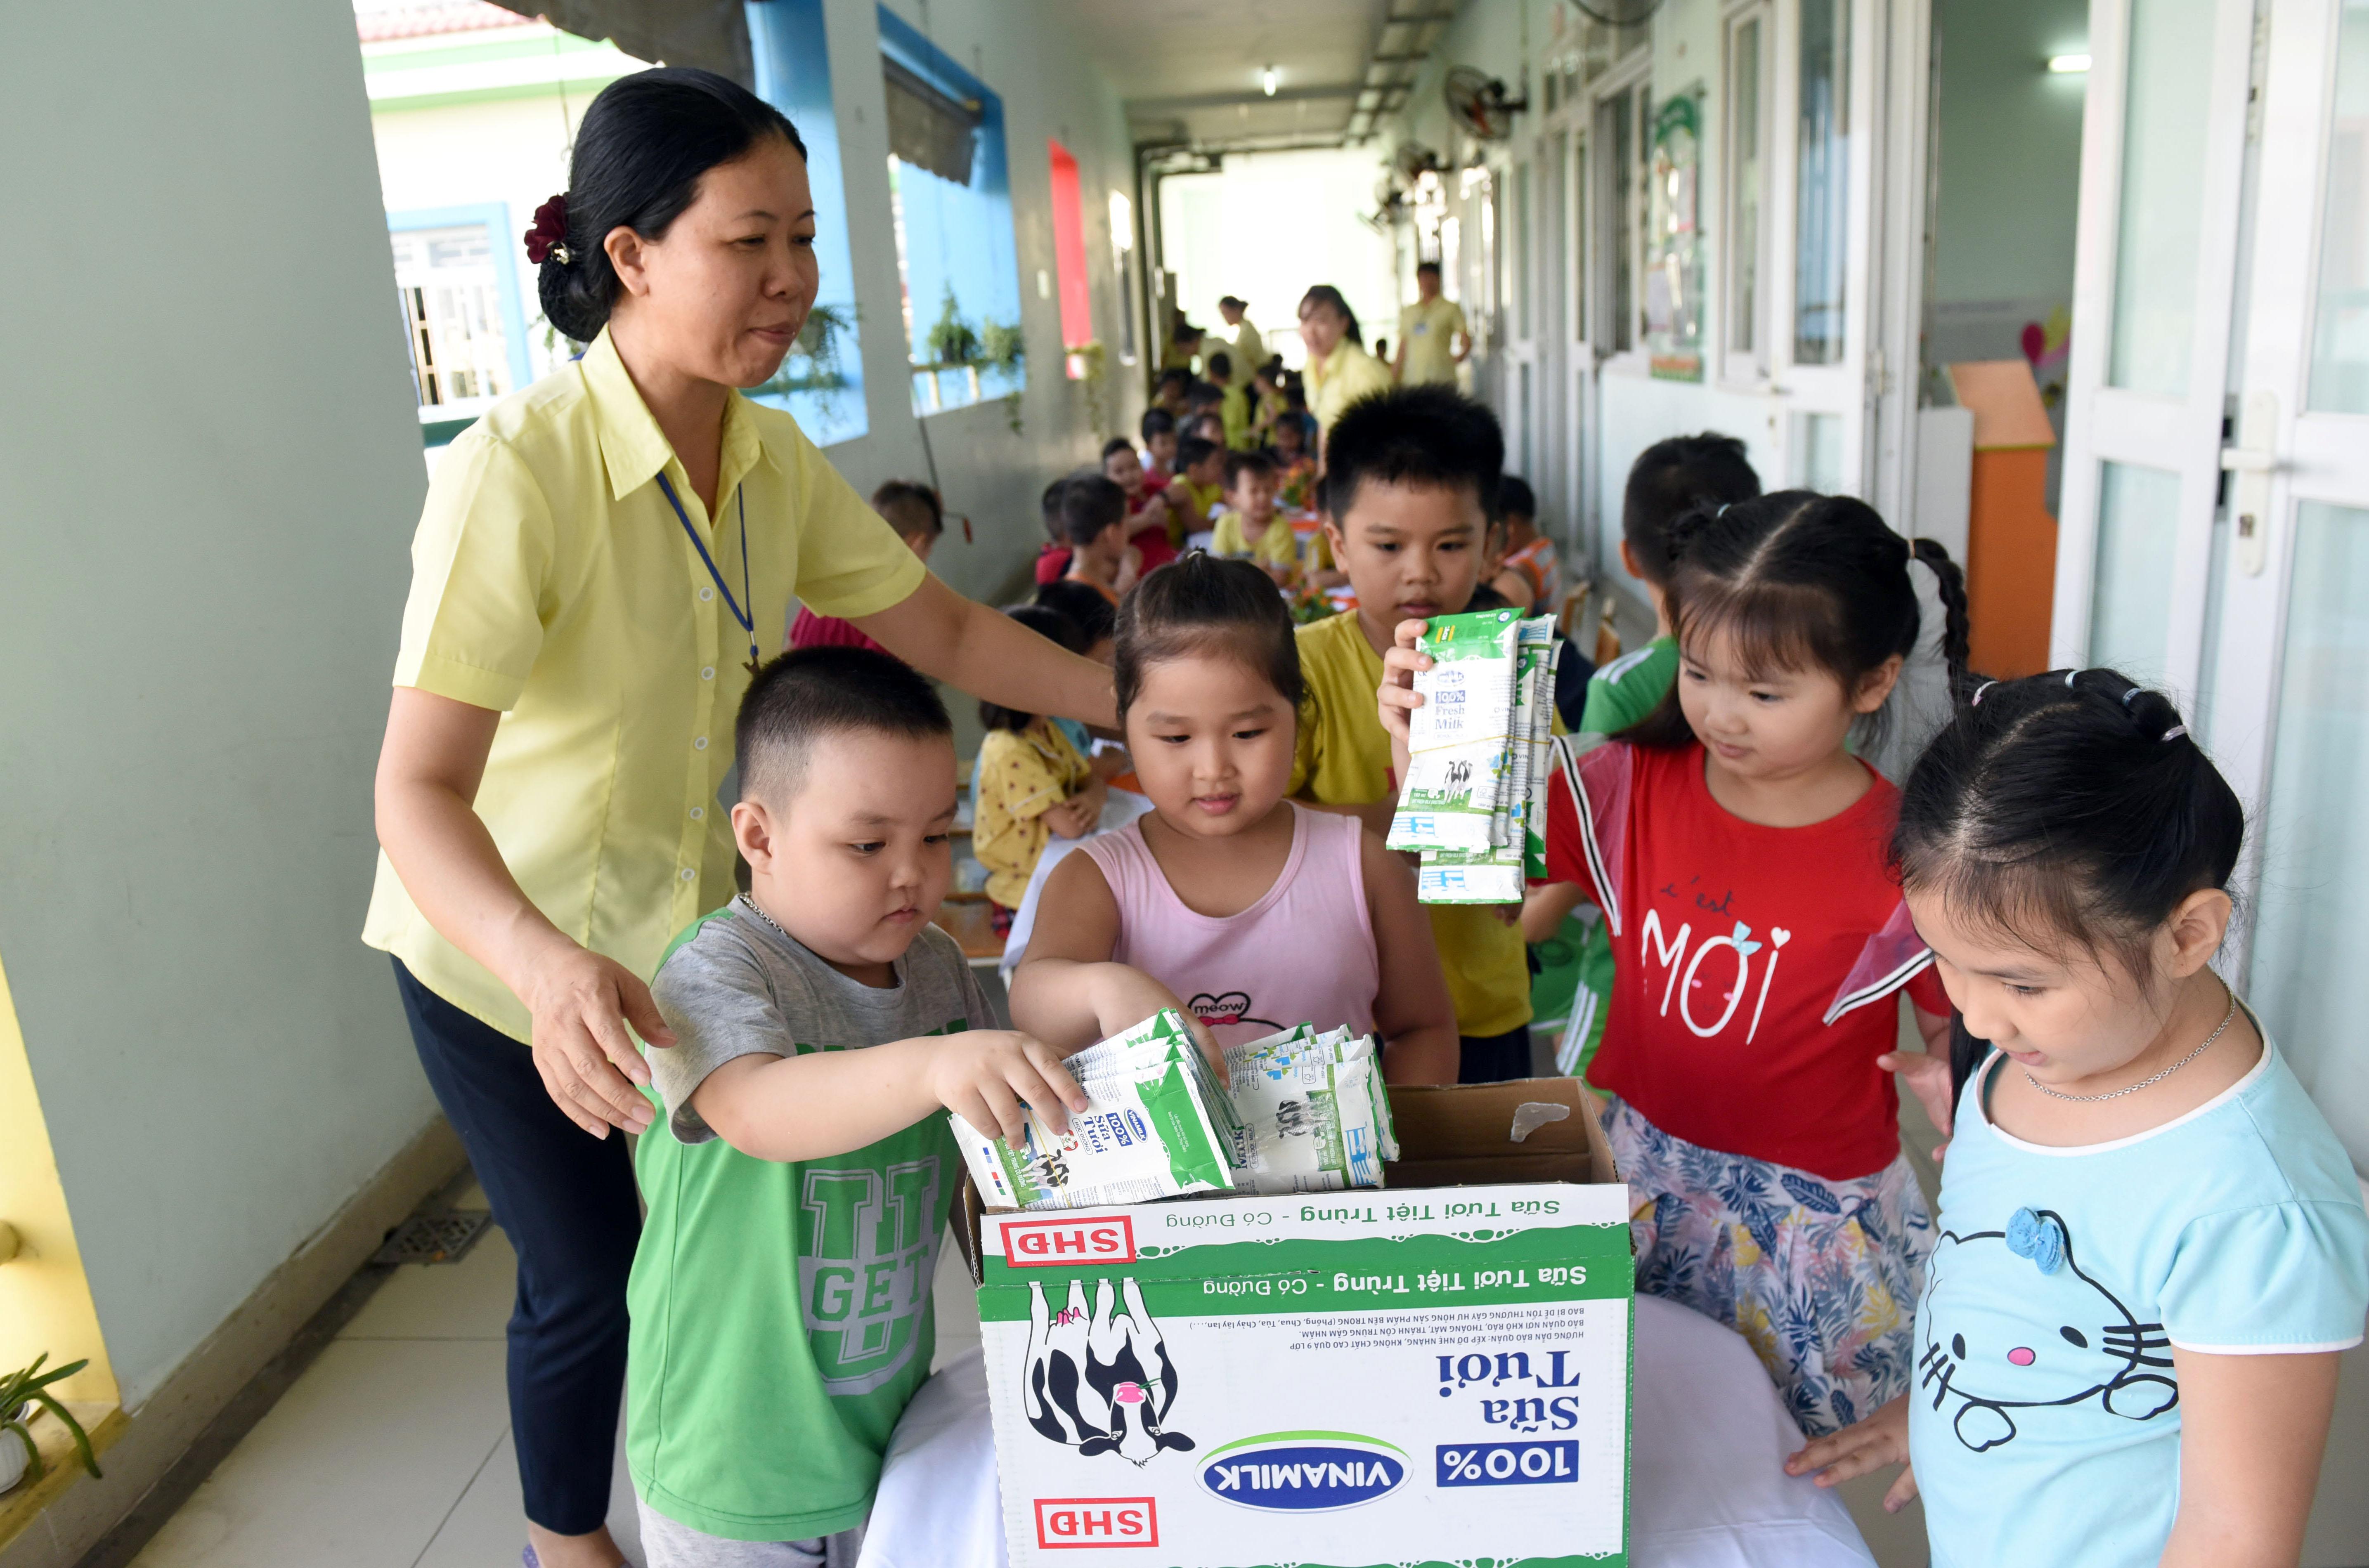 Gấp gọn vỏ hộp sữa và đặt đúng nơi quy định sau khi uống sữa cũng là một kỹ năng sống cho trẻ và là mục tiêu bảo vệ môi trường mà Vinamilk và chương trình SHĐ hướng đến.